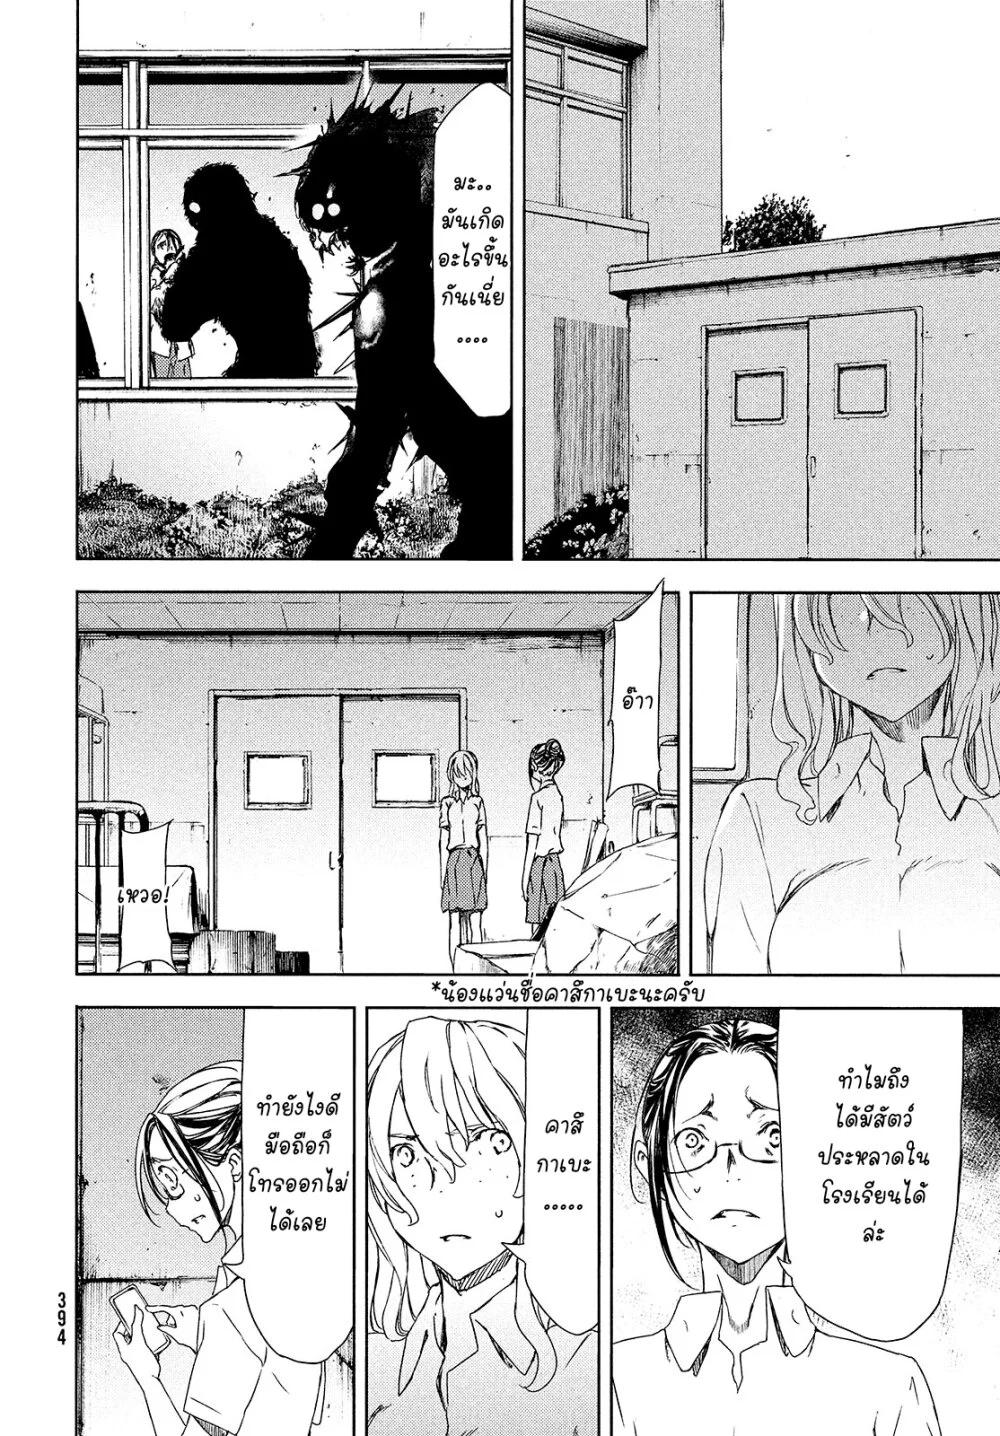 อ่านการ์ตูน Gleipnir ตอนที่ 63 หน้าที่ 12